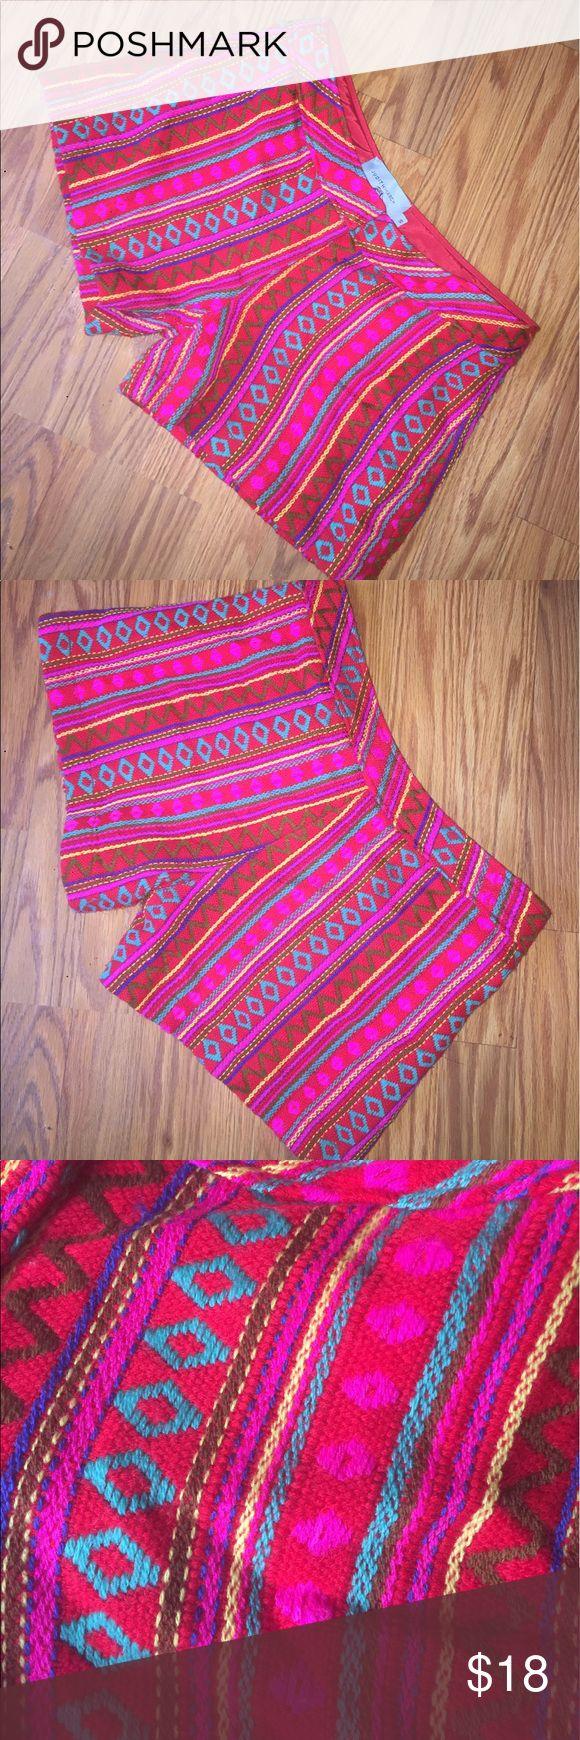 Judith March Aztec print shorts Super cute Aztec pattern shorts. Size small. Judith March Shorts